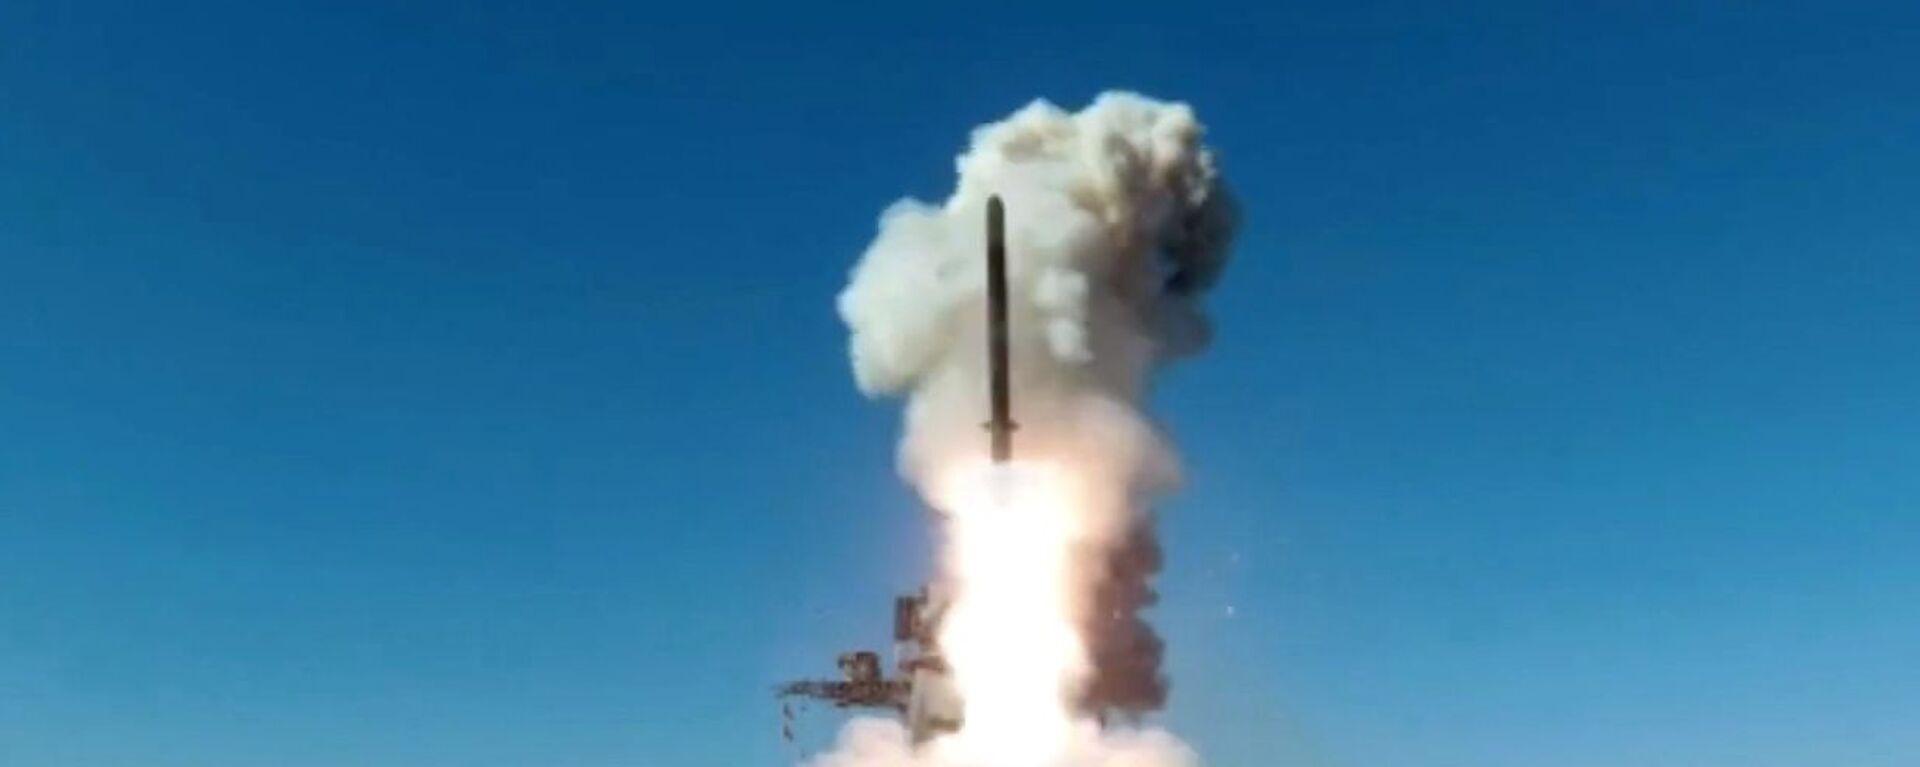 Phóng tên lửa hành trình Kalibr từ khinh hạm Marshal Shaposhnikov trên Biển Nhật Bản - Sputnik Việt Nam, 1920, 20.08.2021